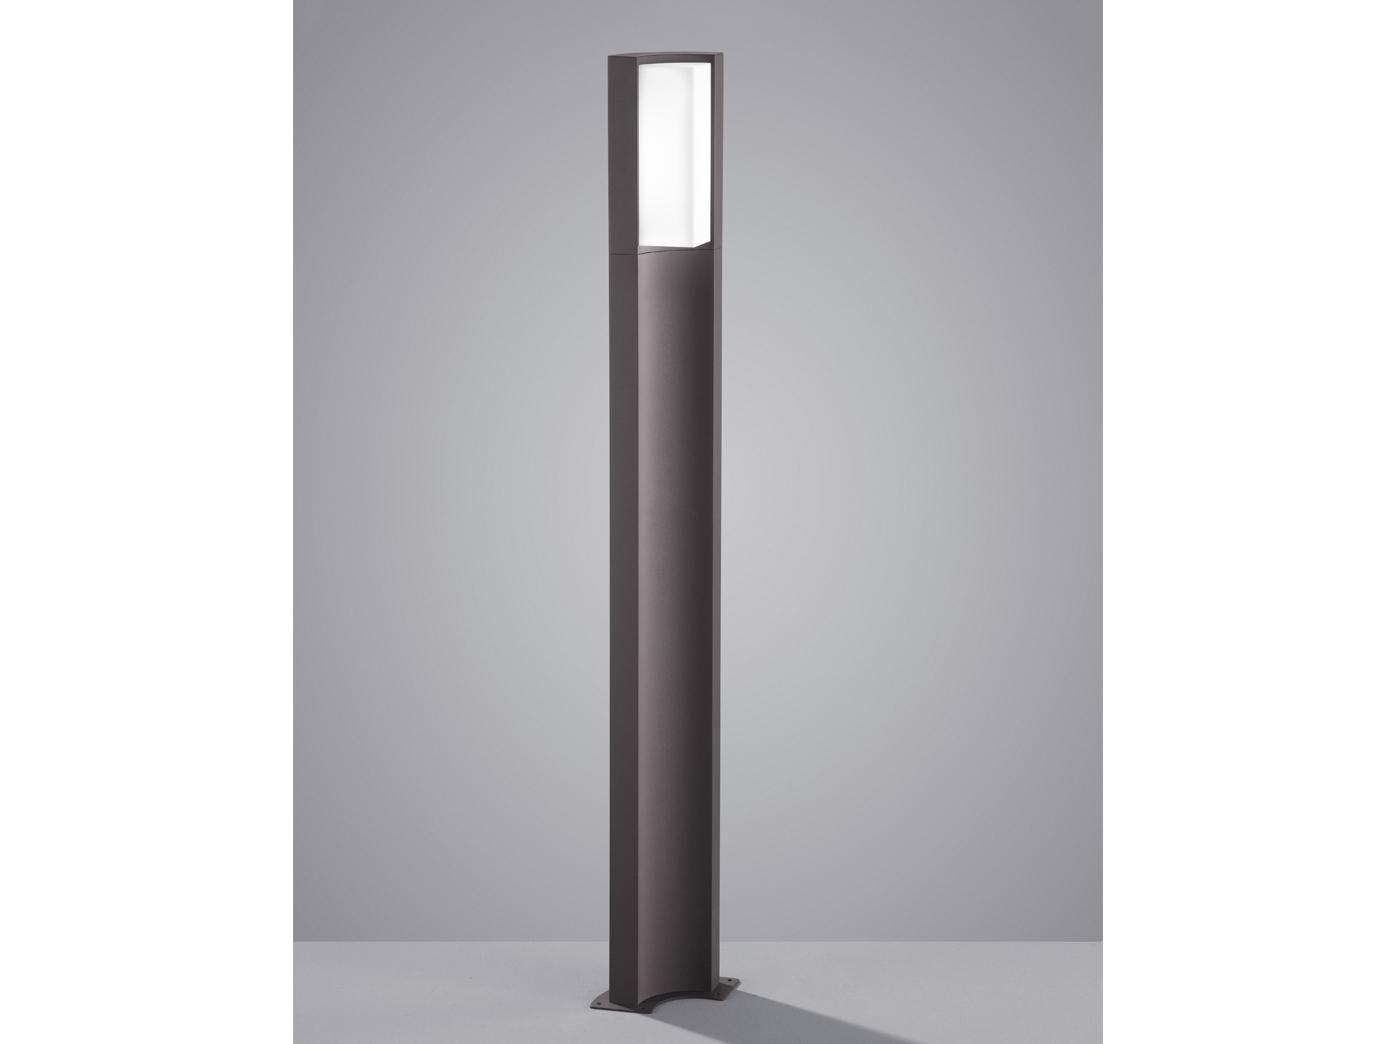 & robusta resistente alle intemperie in alluminio pressofuso vie luce di fuori il tipo di protezione ip54